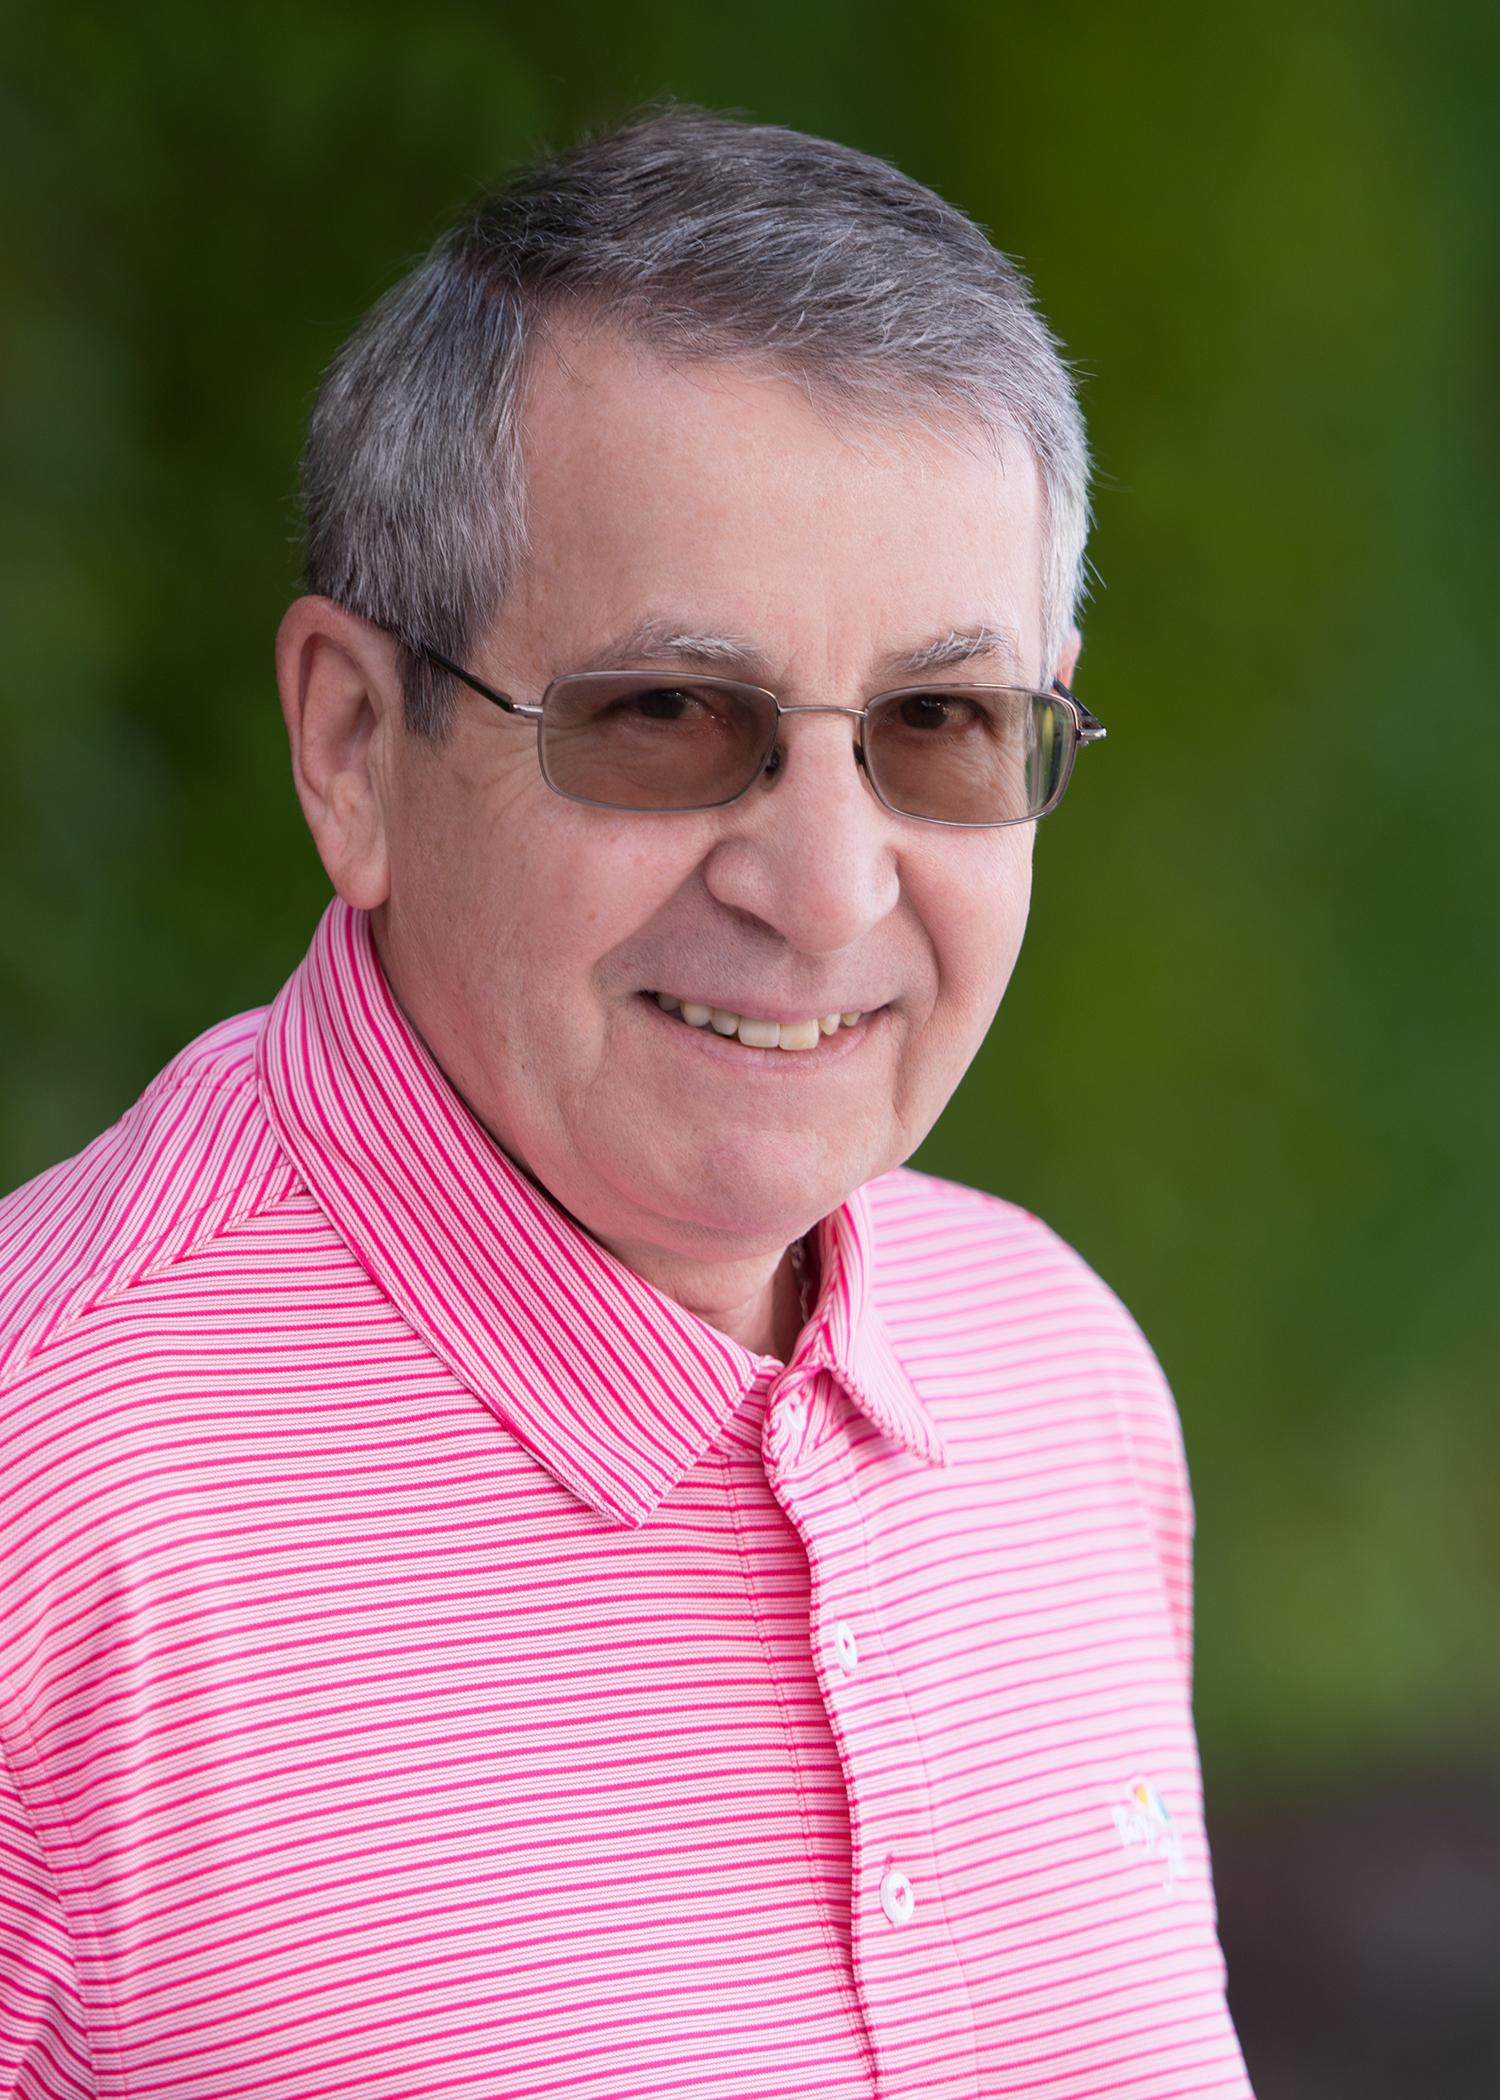 Mike Juneau, Treasurer